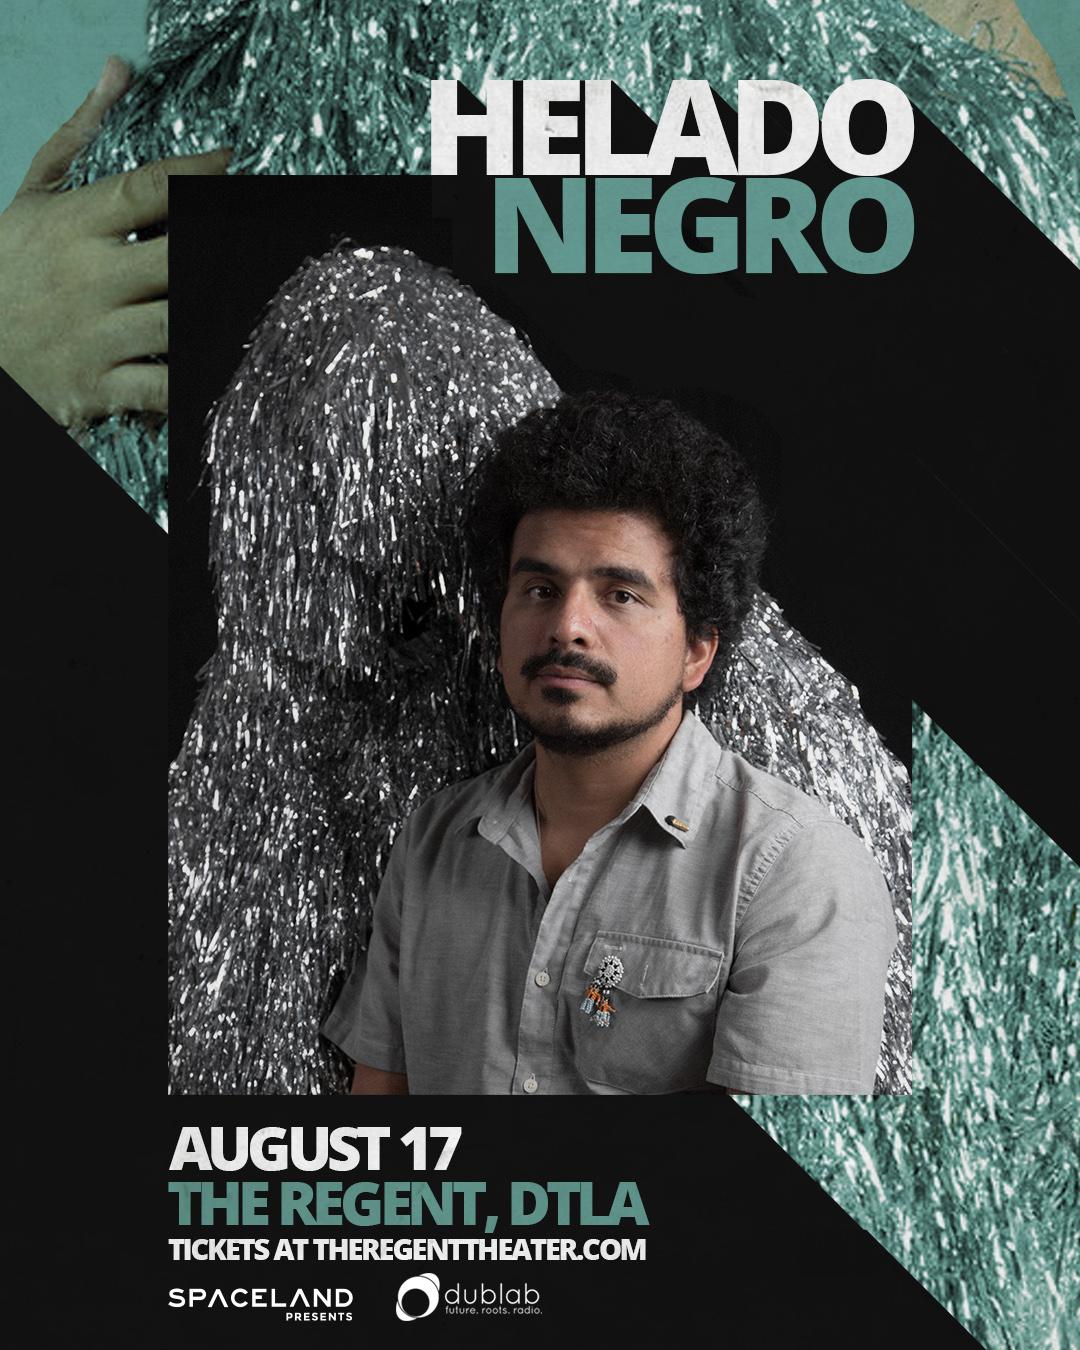 Helado Negro - The Regent - August 17, 2017 - Instagram